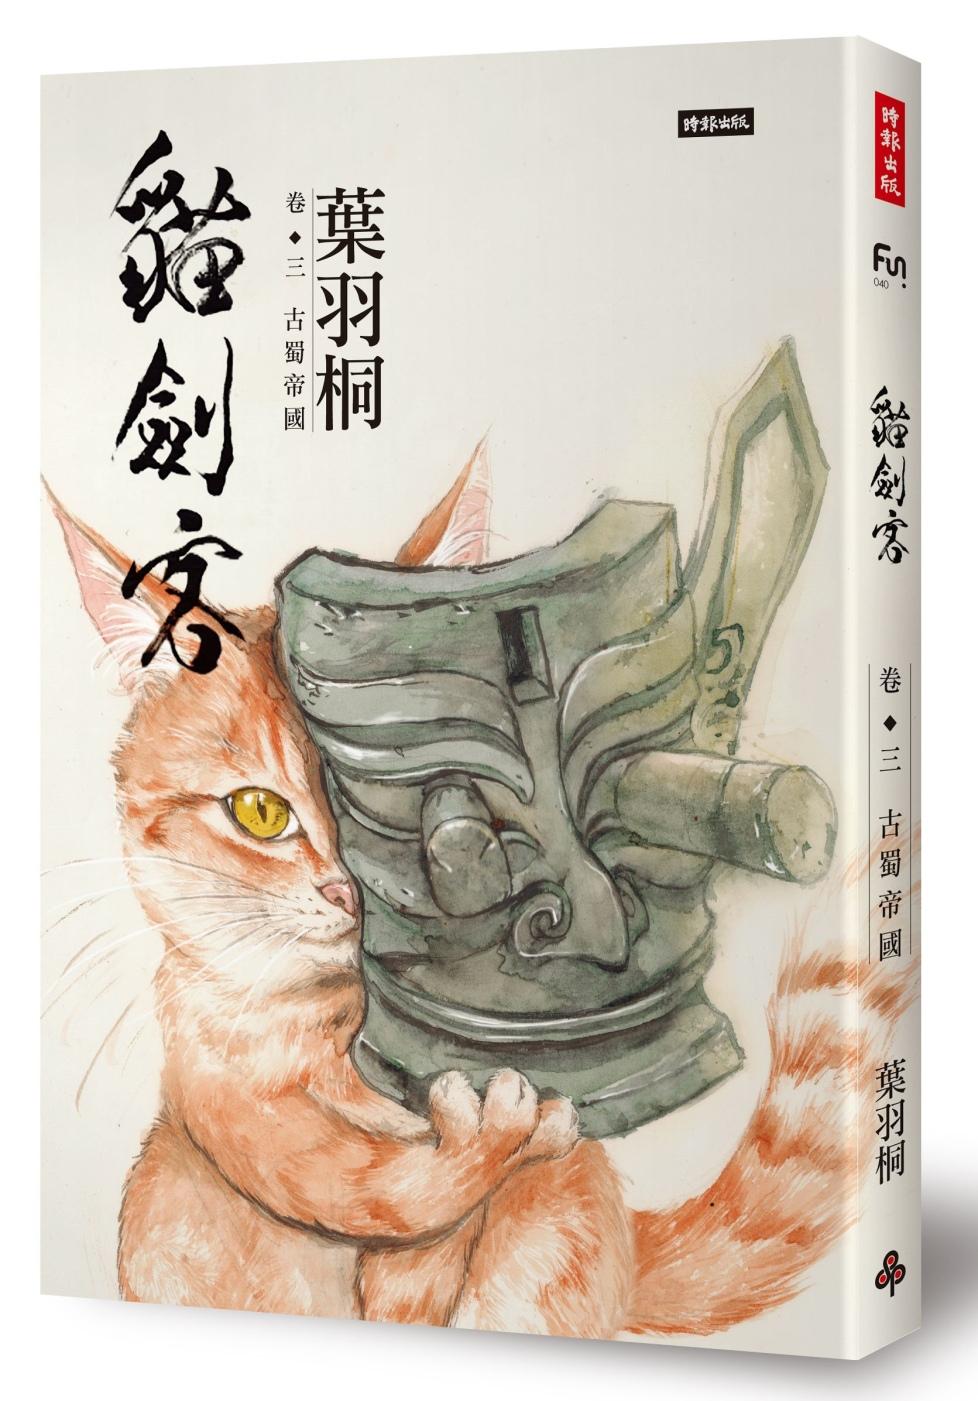 貓劍客 卷三‧古蜀帝國